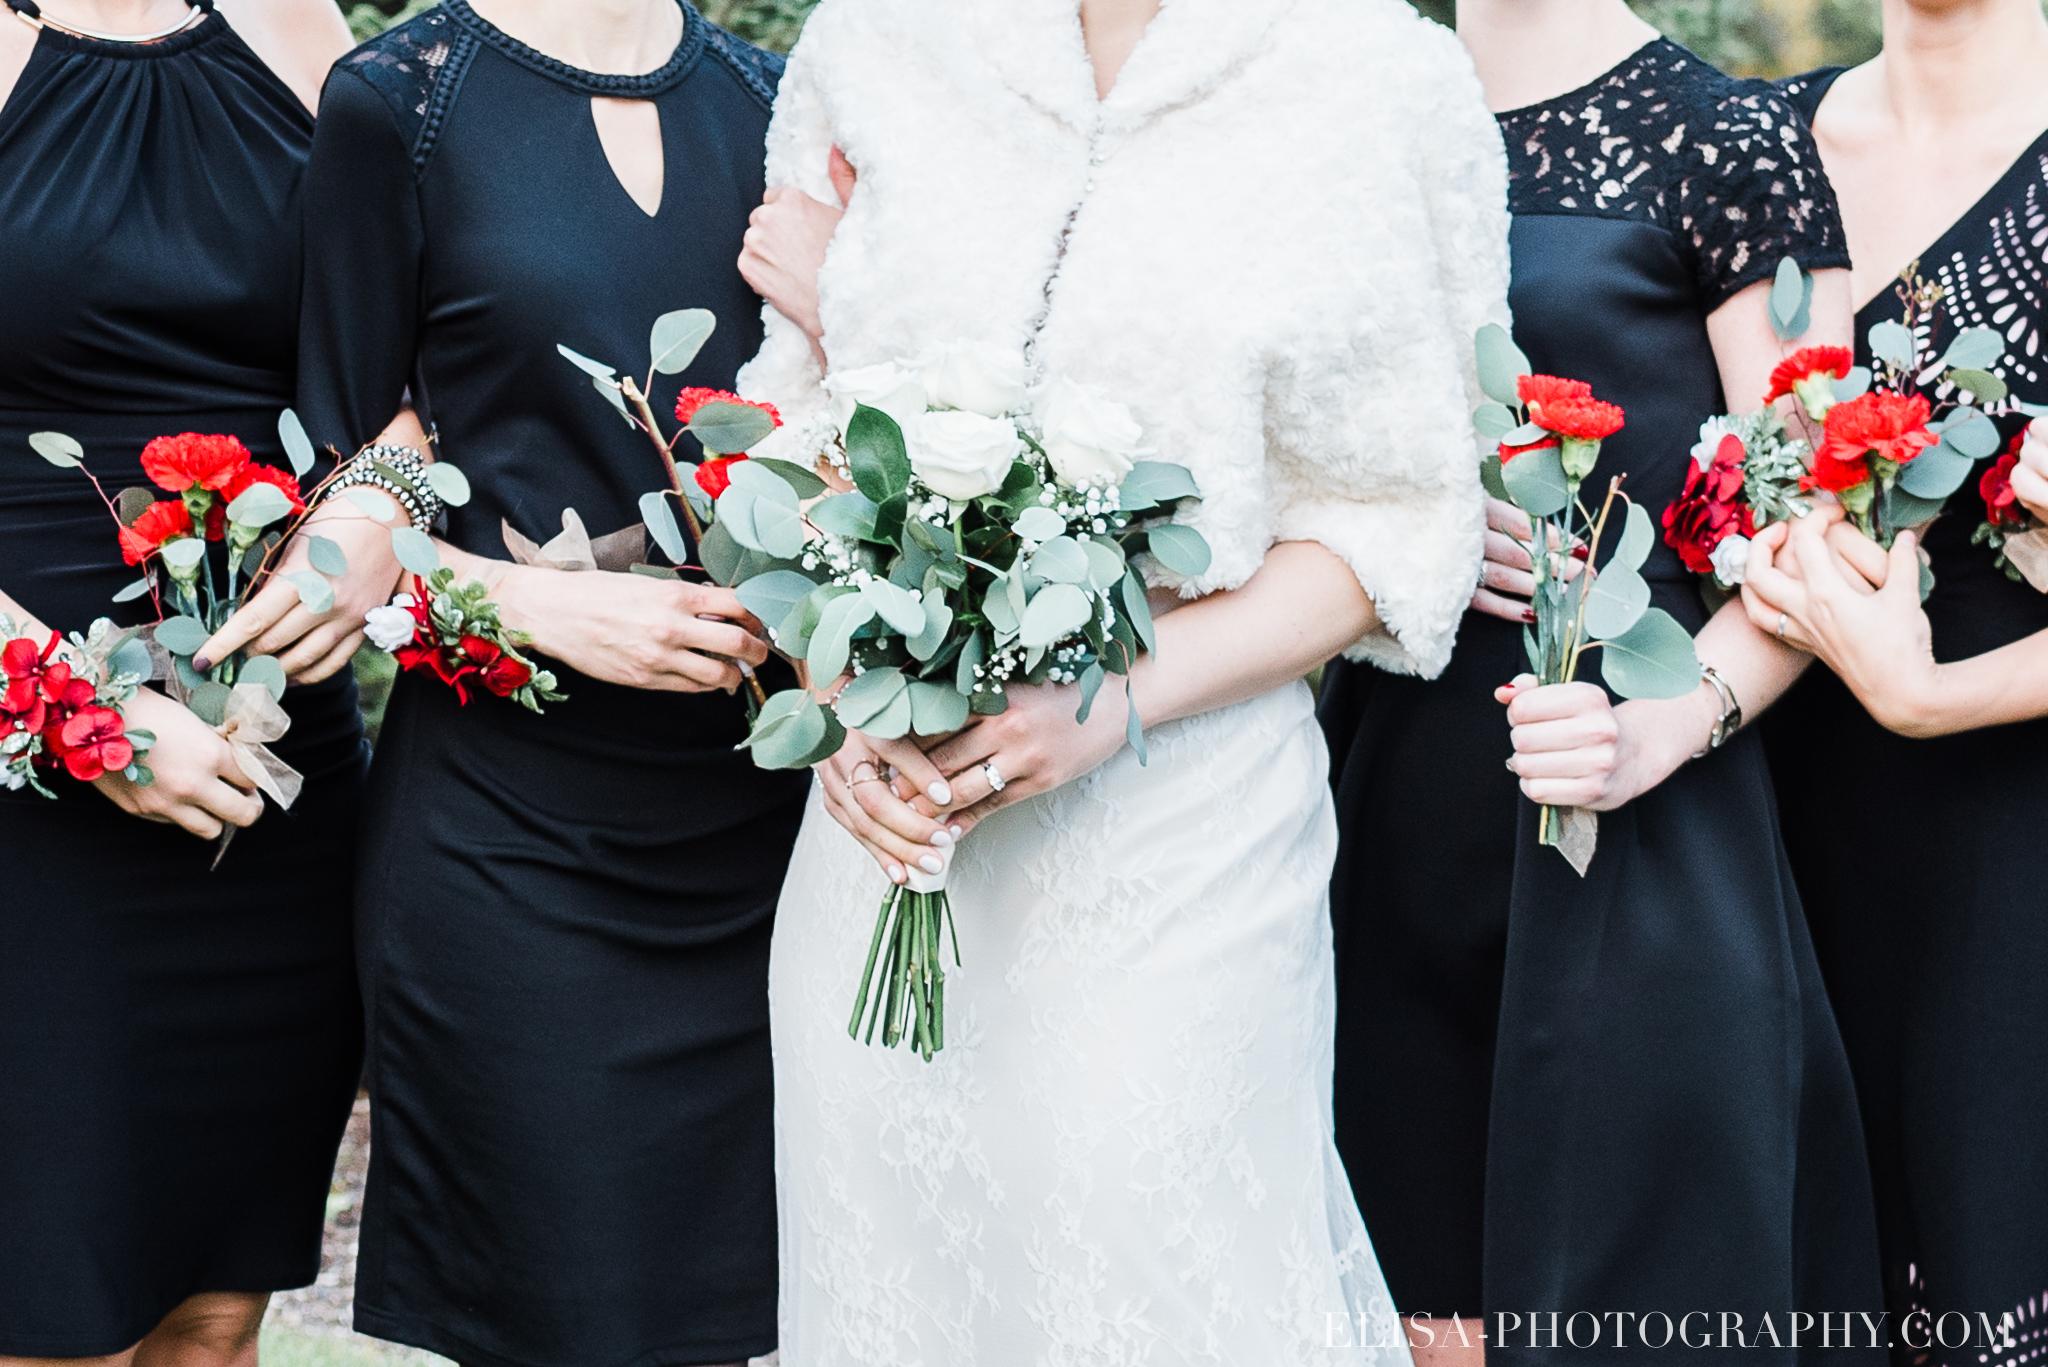 photo mariage golf cap rouge ville quebec cortege demoiselles honneur garcon honneur page automne 8049 - Mariage au Golf de Cap-Rouge, ville de Québec: Stéphanie & William